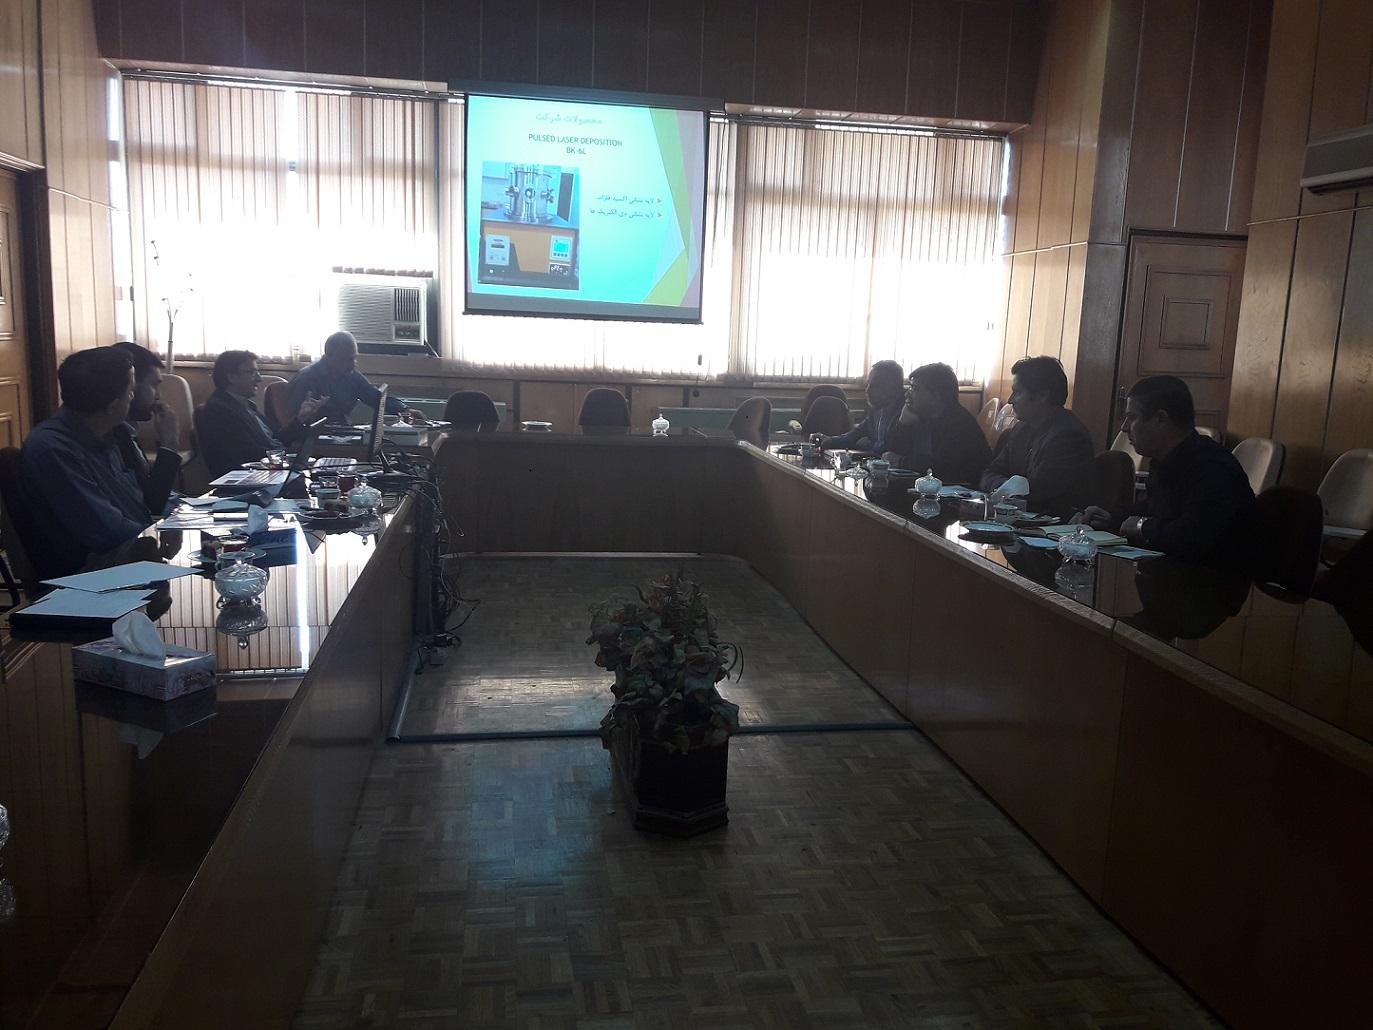 هفتمین جلسه از پنجمین دوره هیئت مدیره انجمن خلأ ایران برگزارگردید